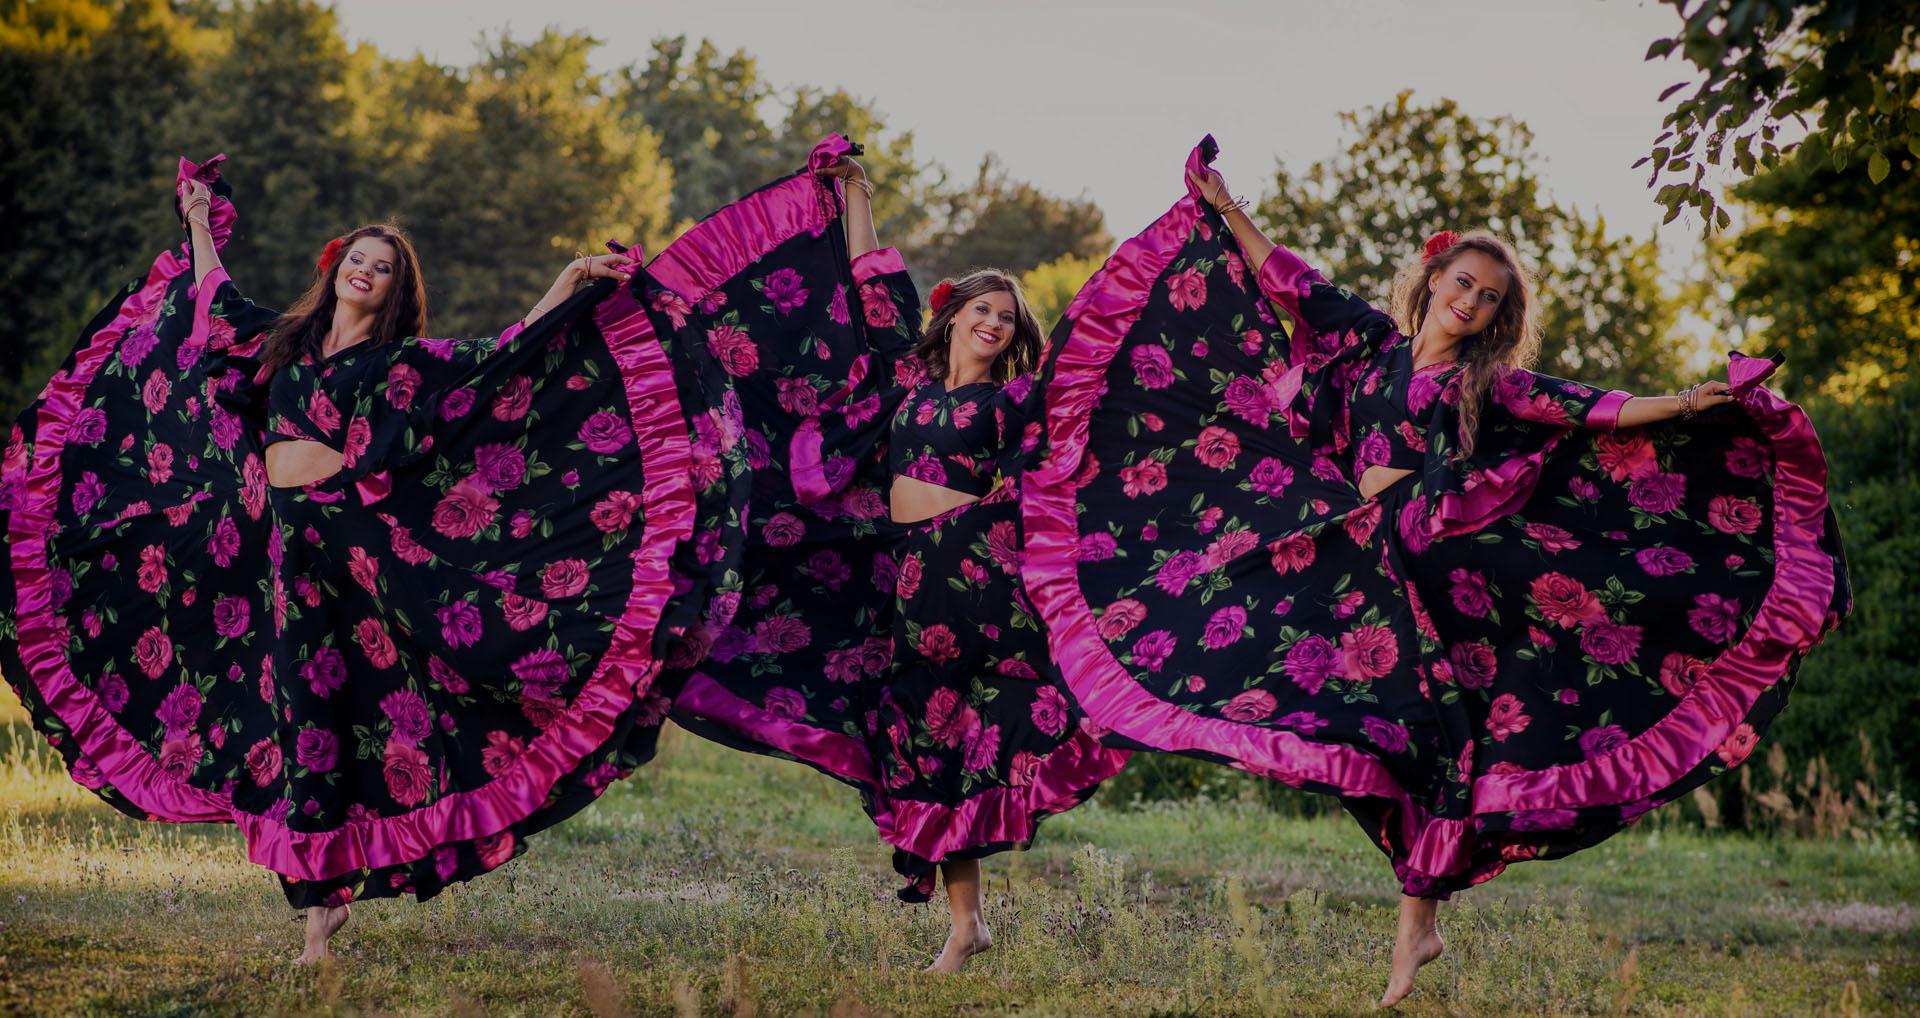 Dolce Vita čigoniškas šokis ir šokių šou programam vestuvėms, gimtadieniui, įmonių vakarėliams, kitoms šventėms bei renginiams